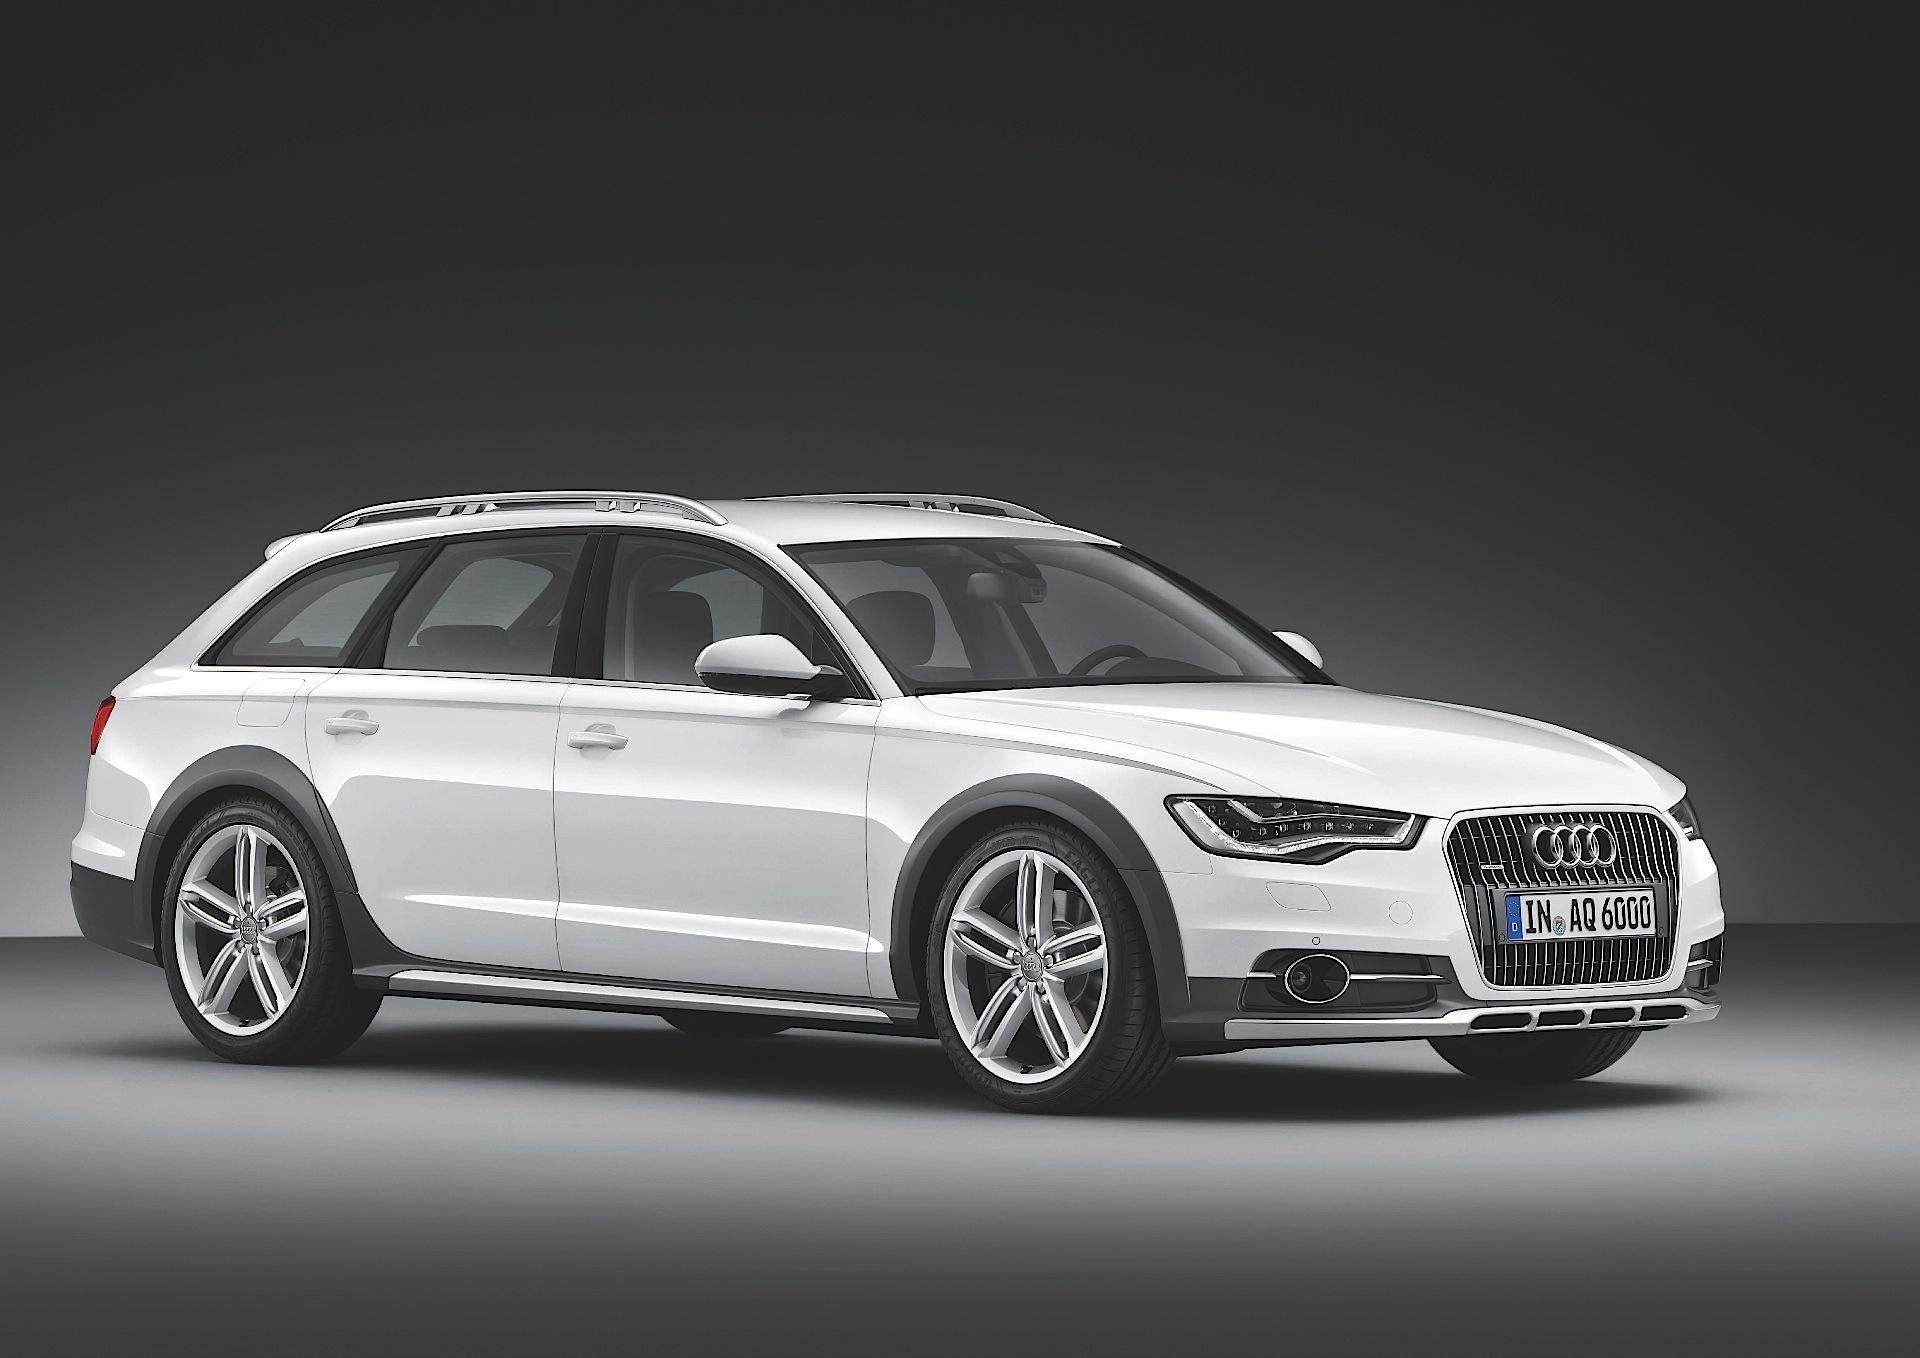 Kelebihan Kekurangan Audi A6 Allroad 2018 Top Model Tahun Ini